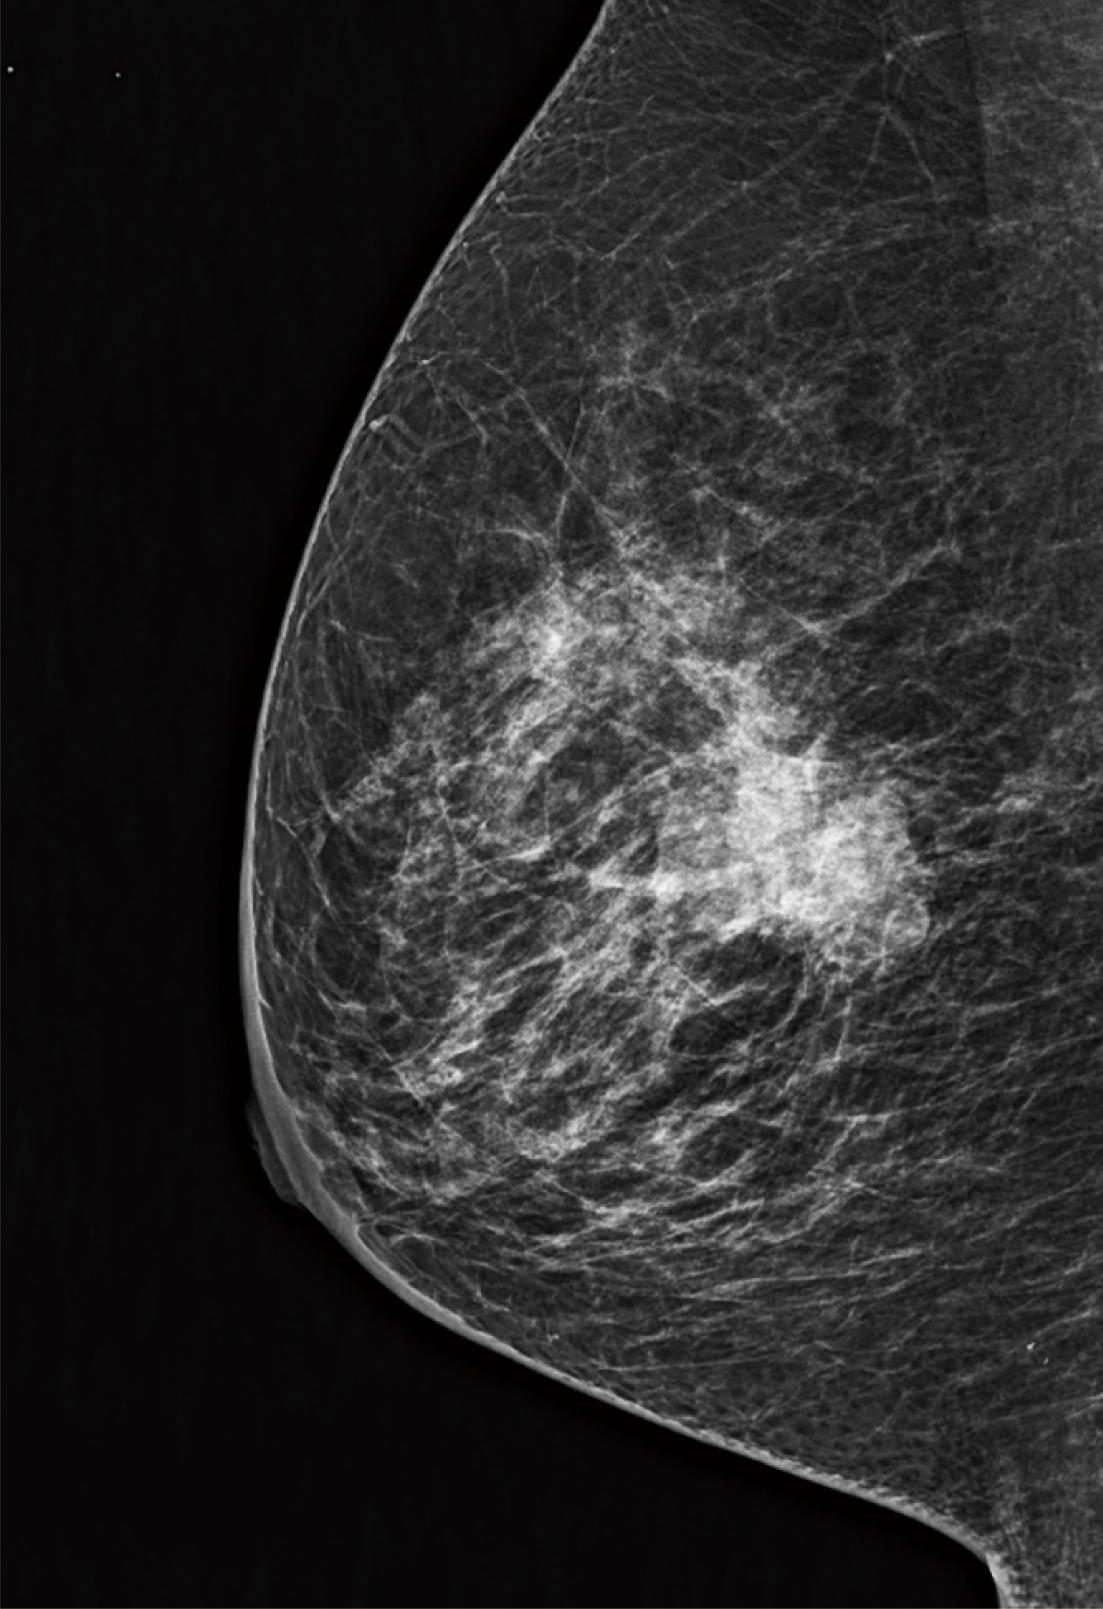 [image] Mammogram x-ray